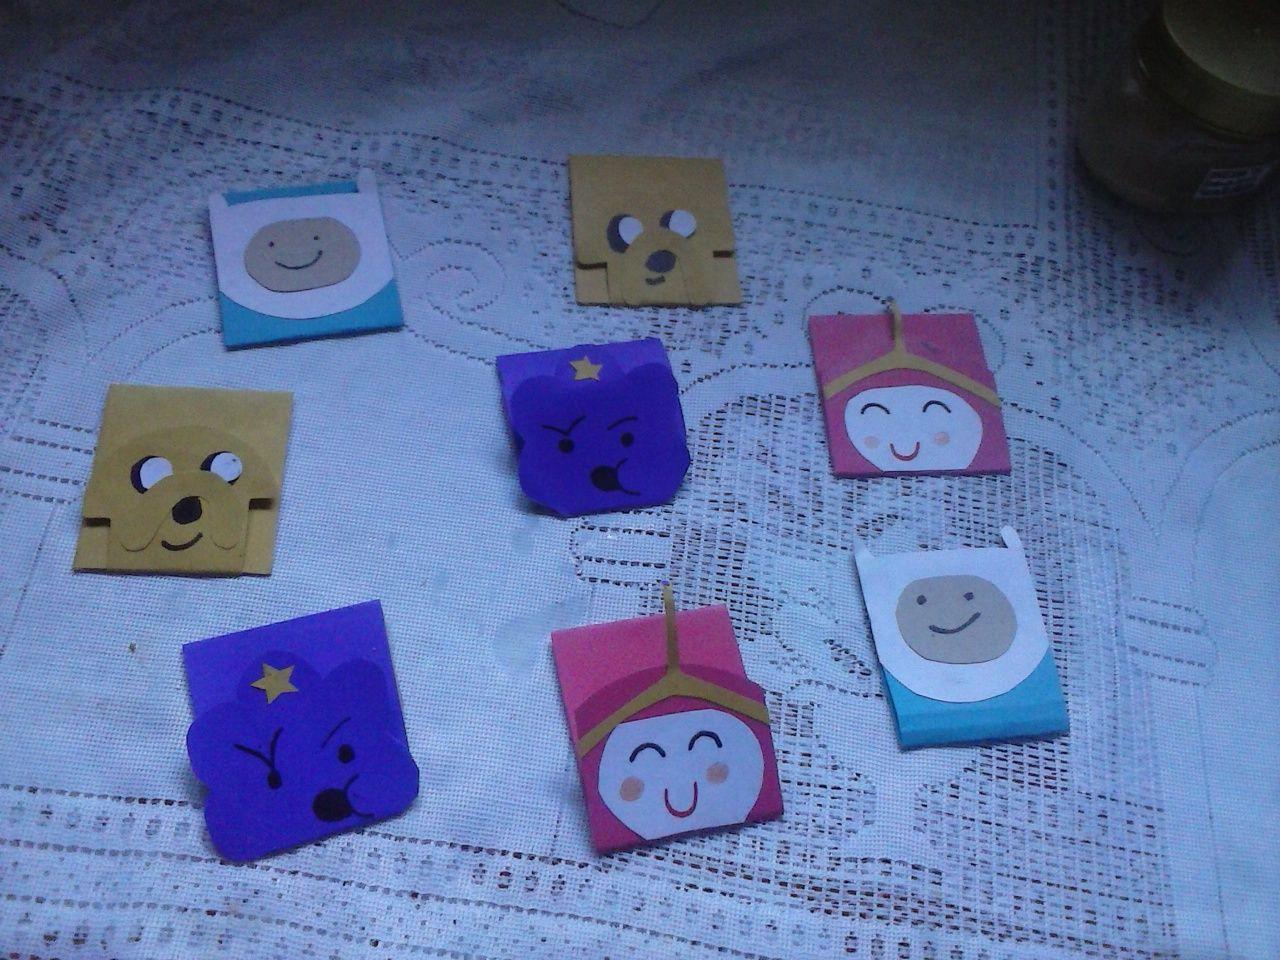 Convite que eu fiz para minha sobrinha de aniversário com o tema... Hora de Aventura. Feito com cartolina .